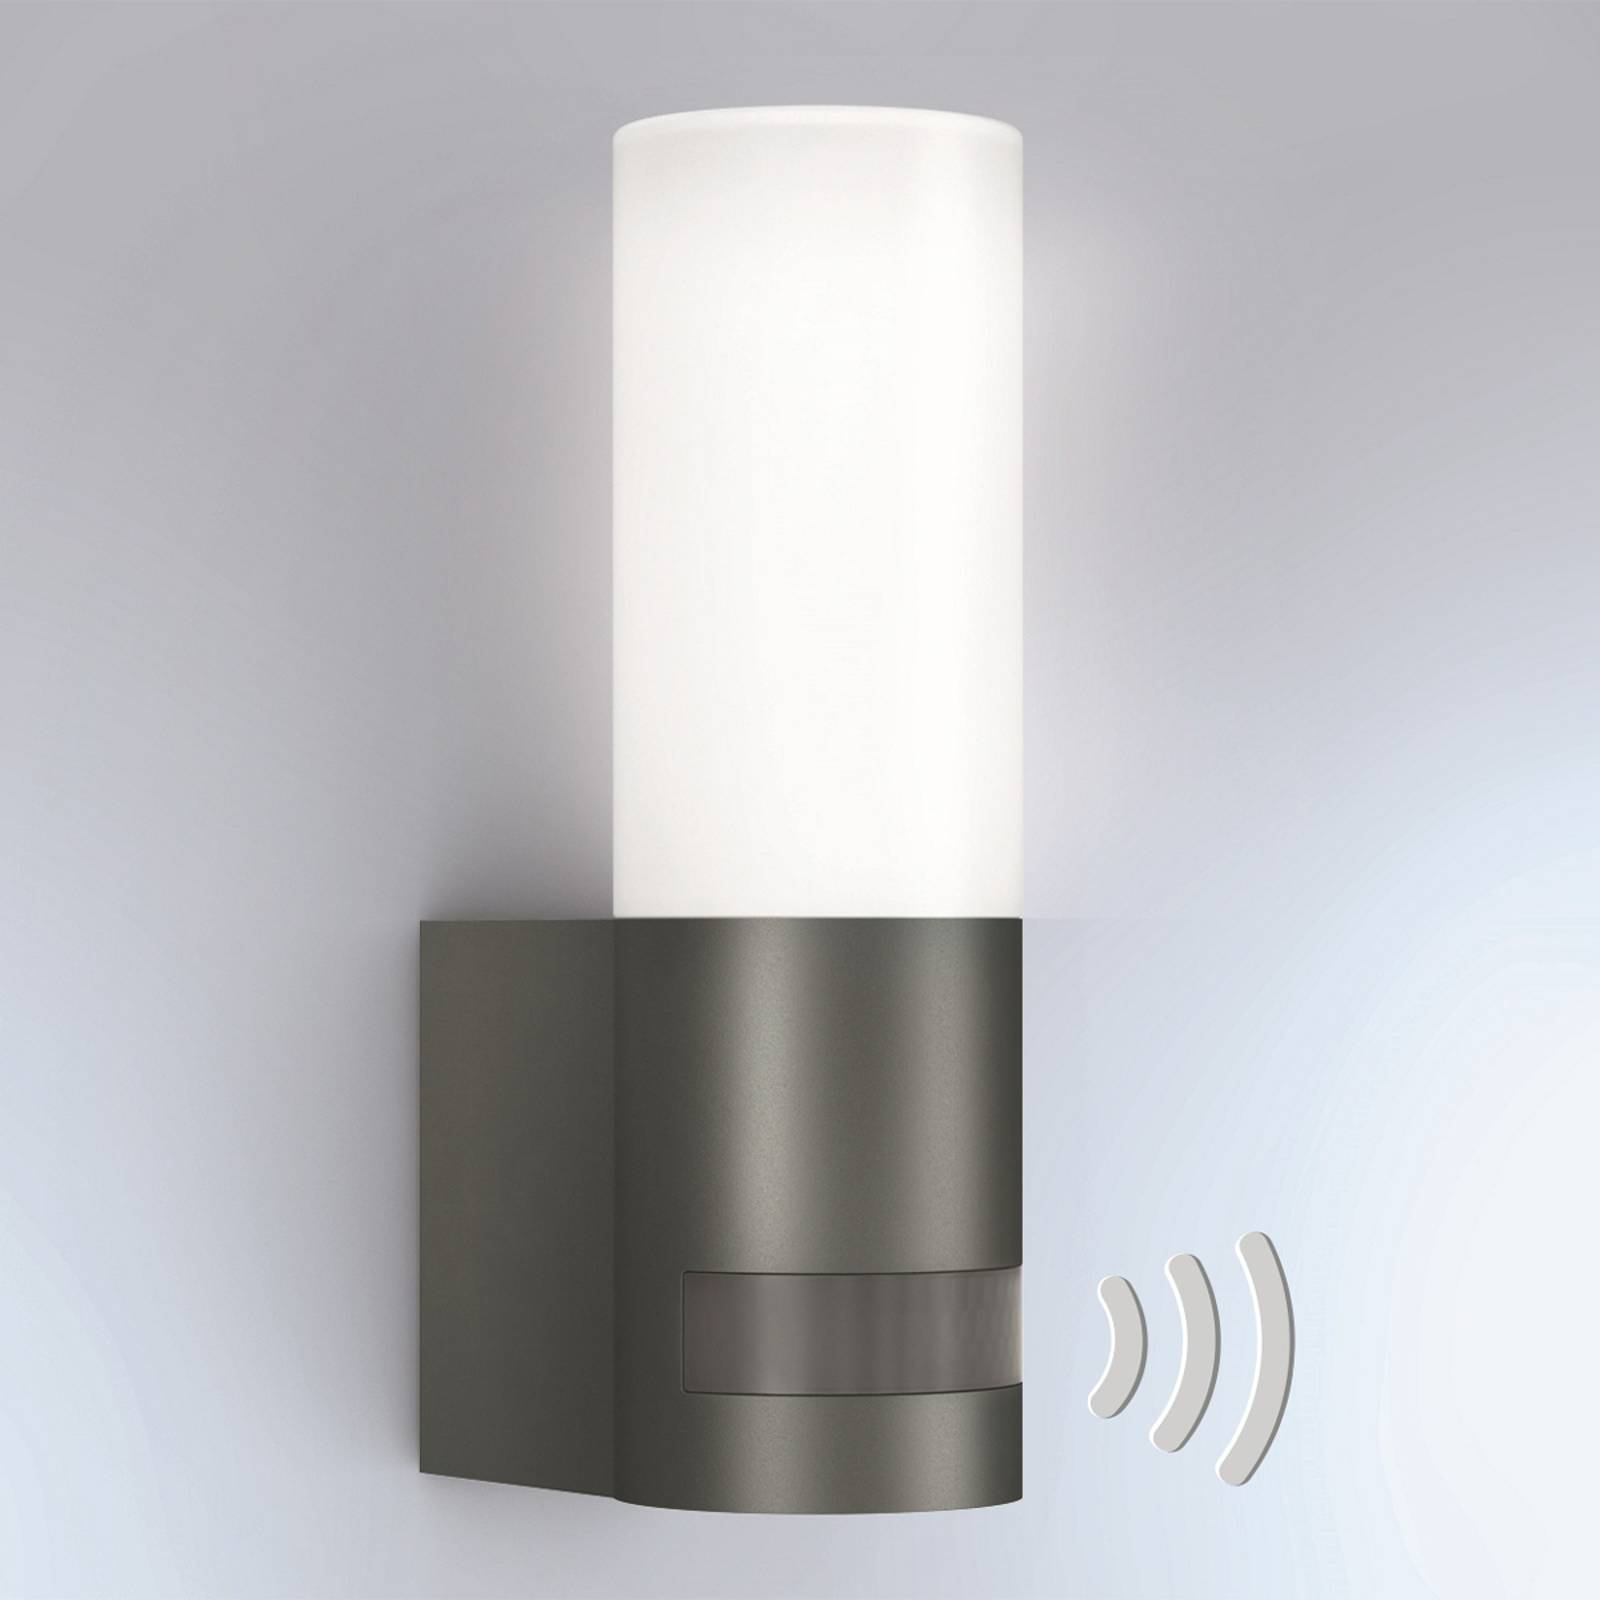 STEINEL L 605 LED-Außenwandleuchte Sensor IP44